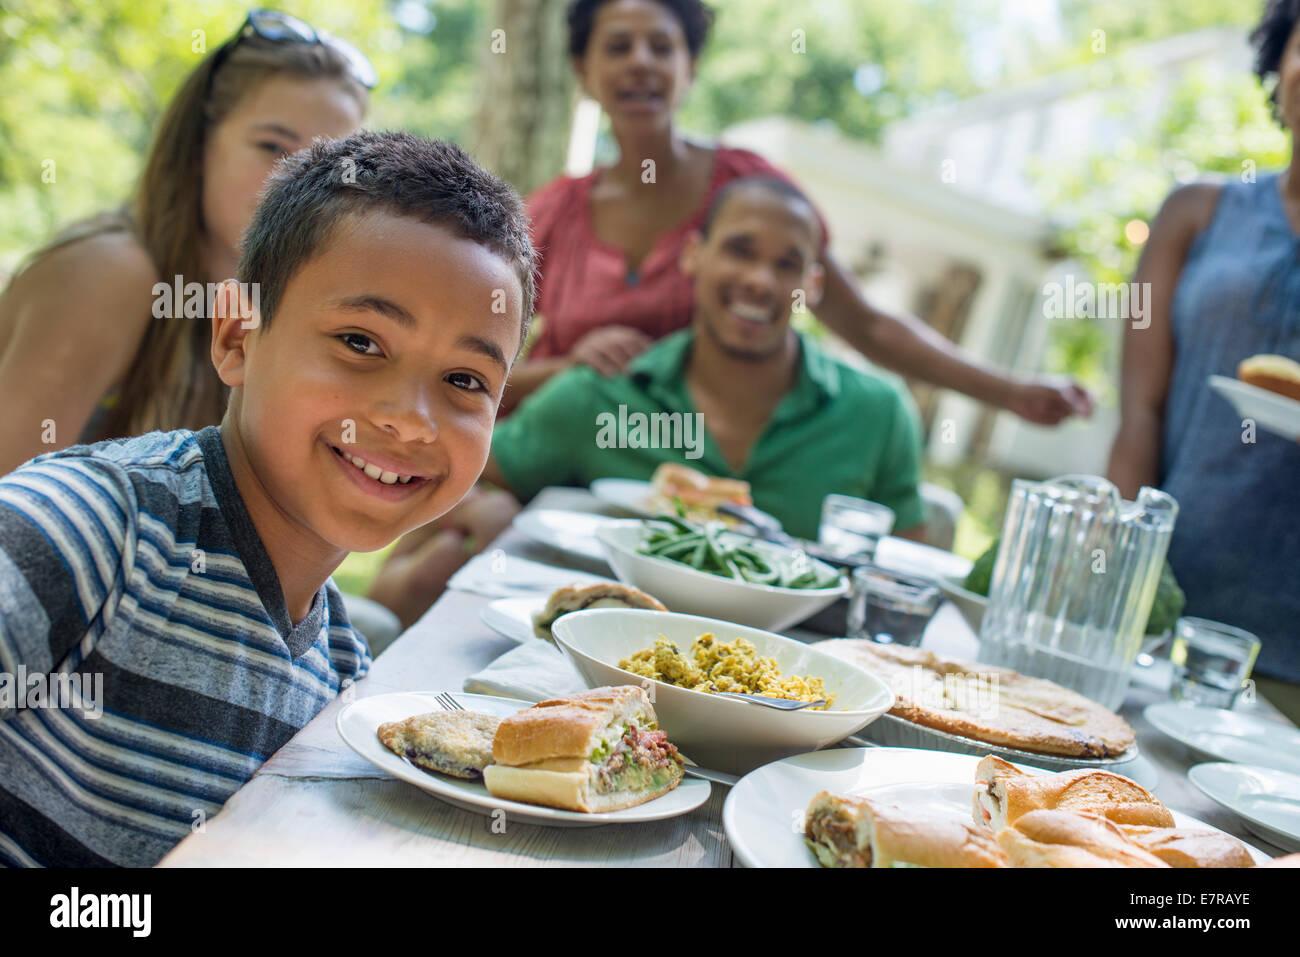 Una riunione di famiglia, uomini, donne e bambini intorno a un tavolo in un giardino in estate. Un ragazzo sorridente Immagini Stock